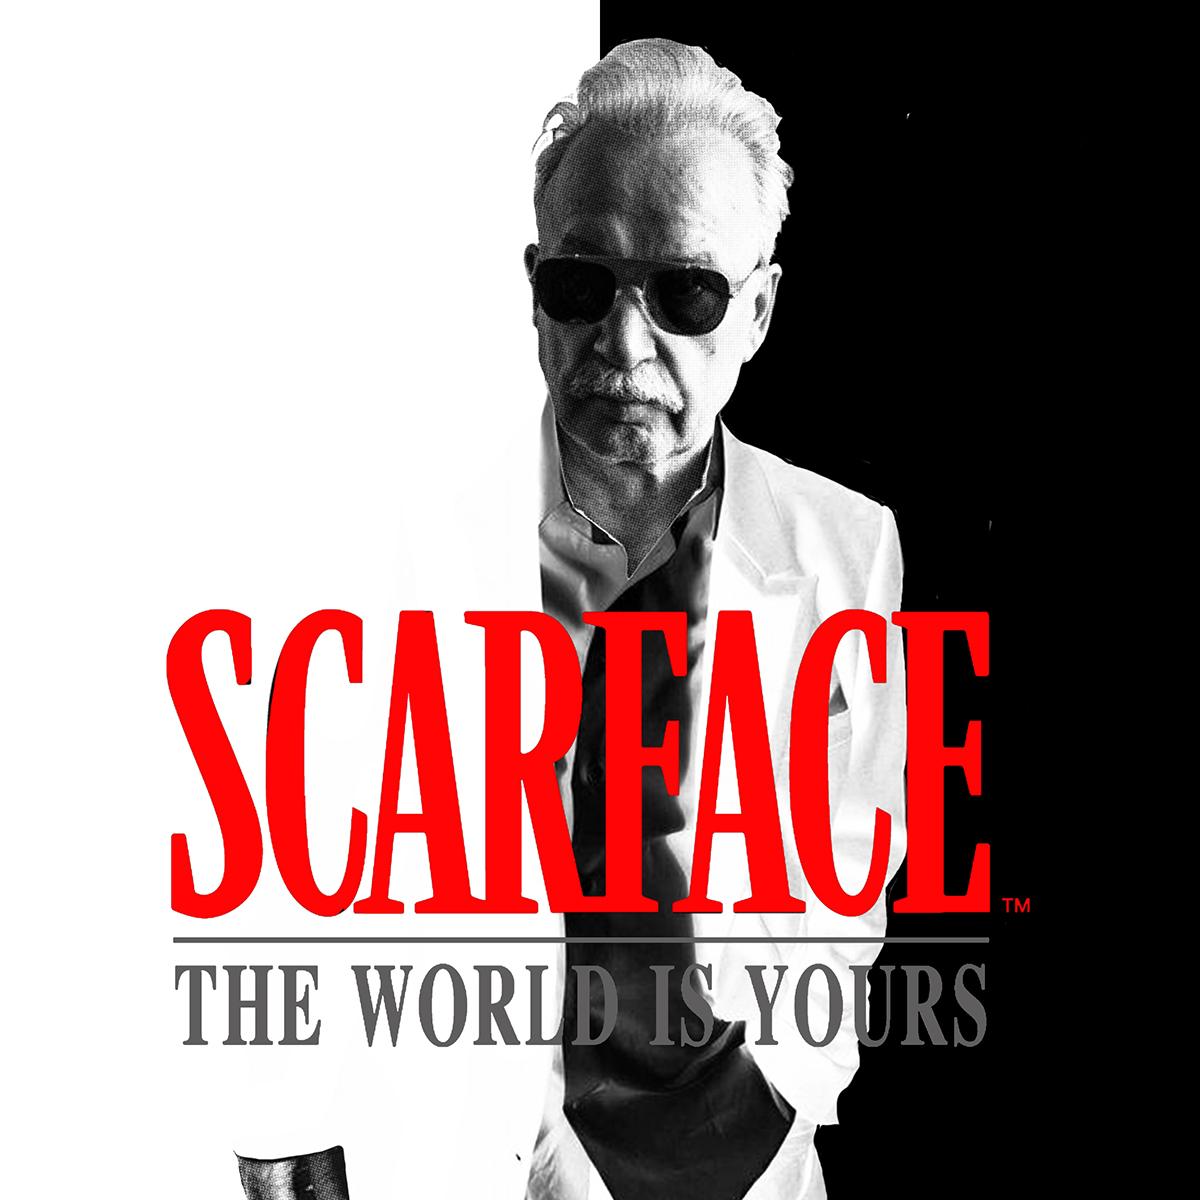 Tributo di Zoa Studio a Scarface e Giorgio Moroder